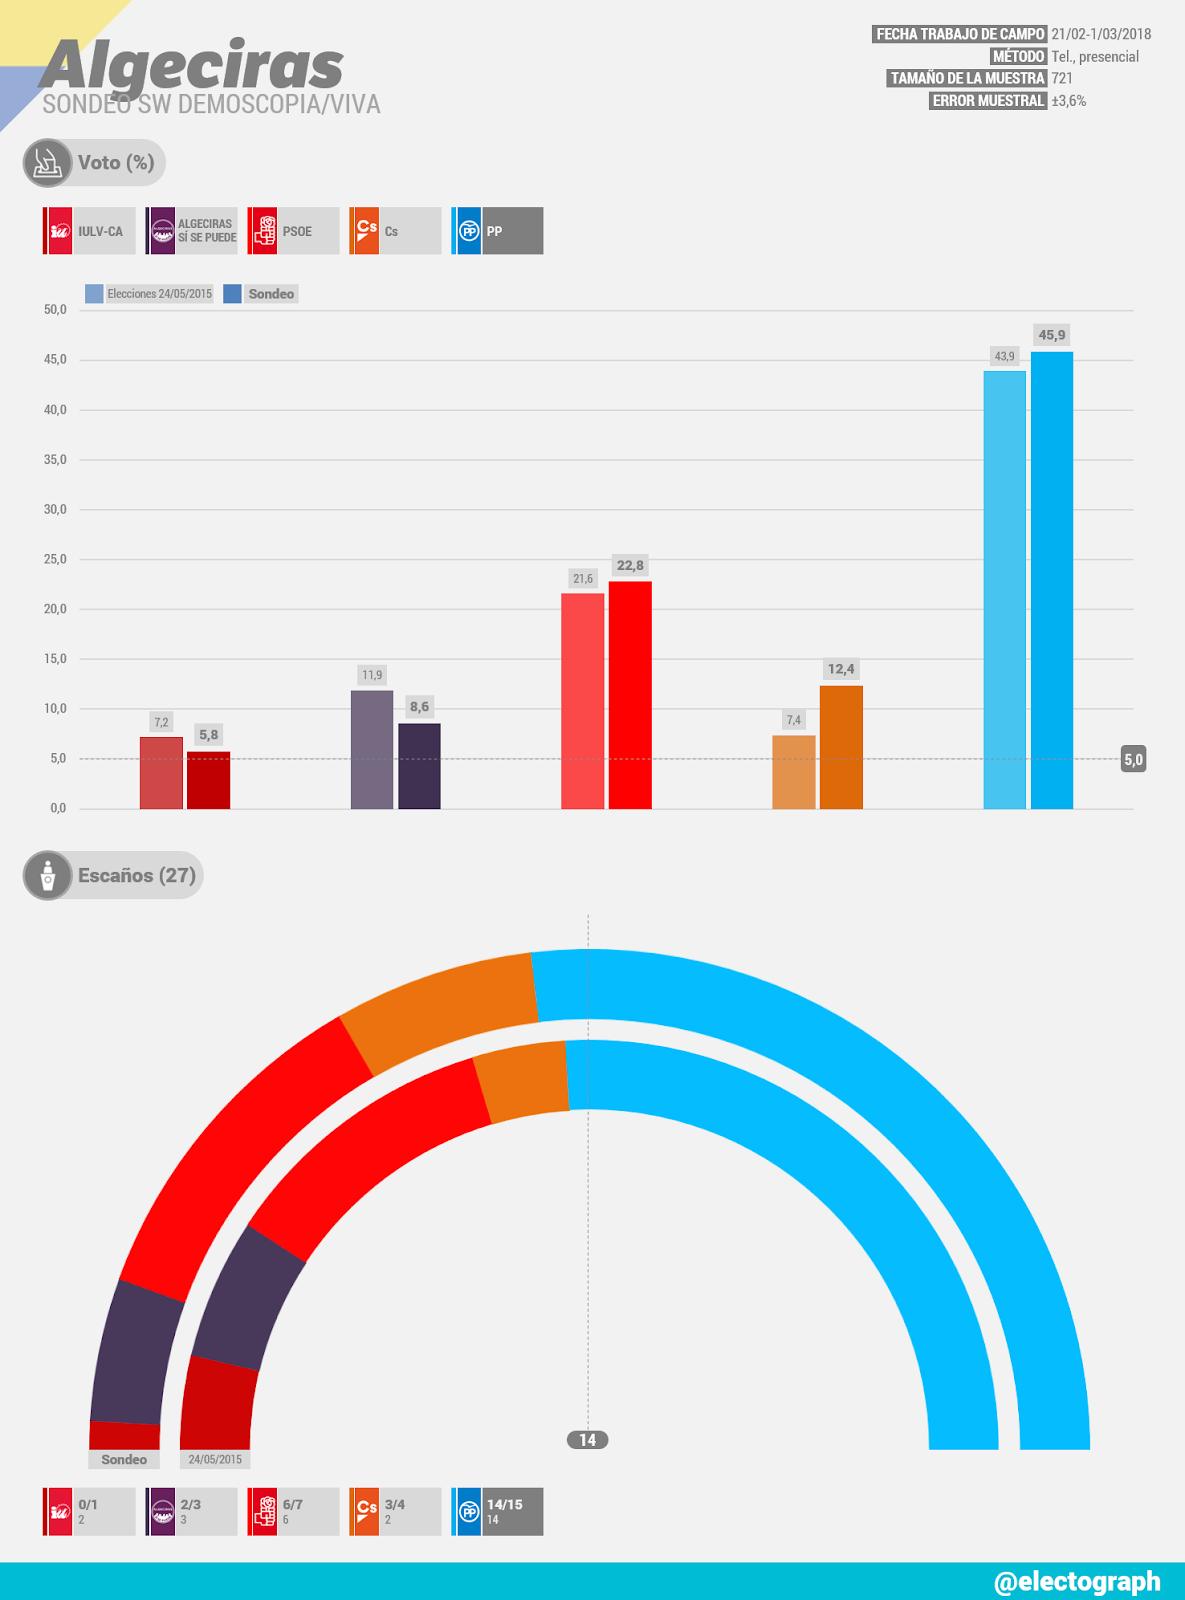 Gráfico de la encuesta para elecciones municipales en Algeciras realizada por SW Demoscopia para Viva en marzo de 2018